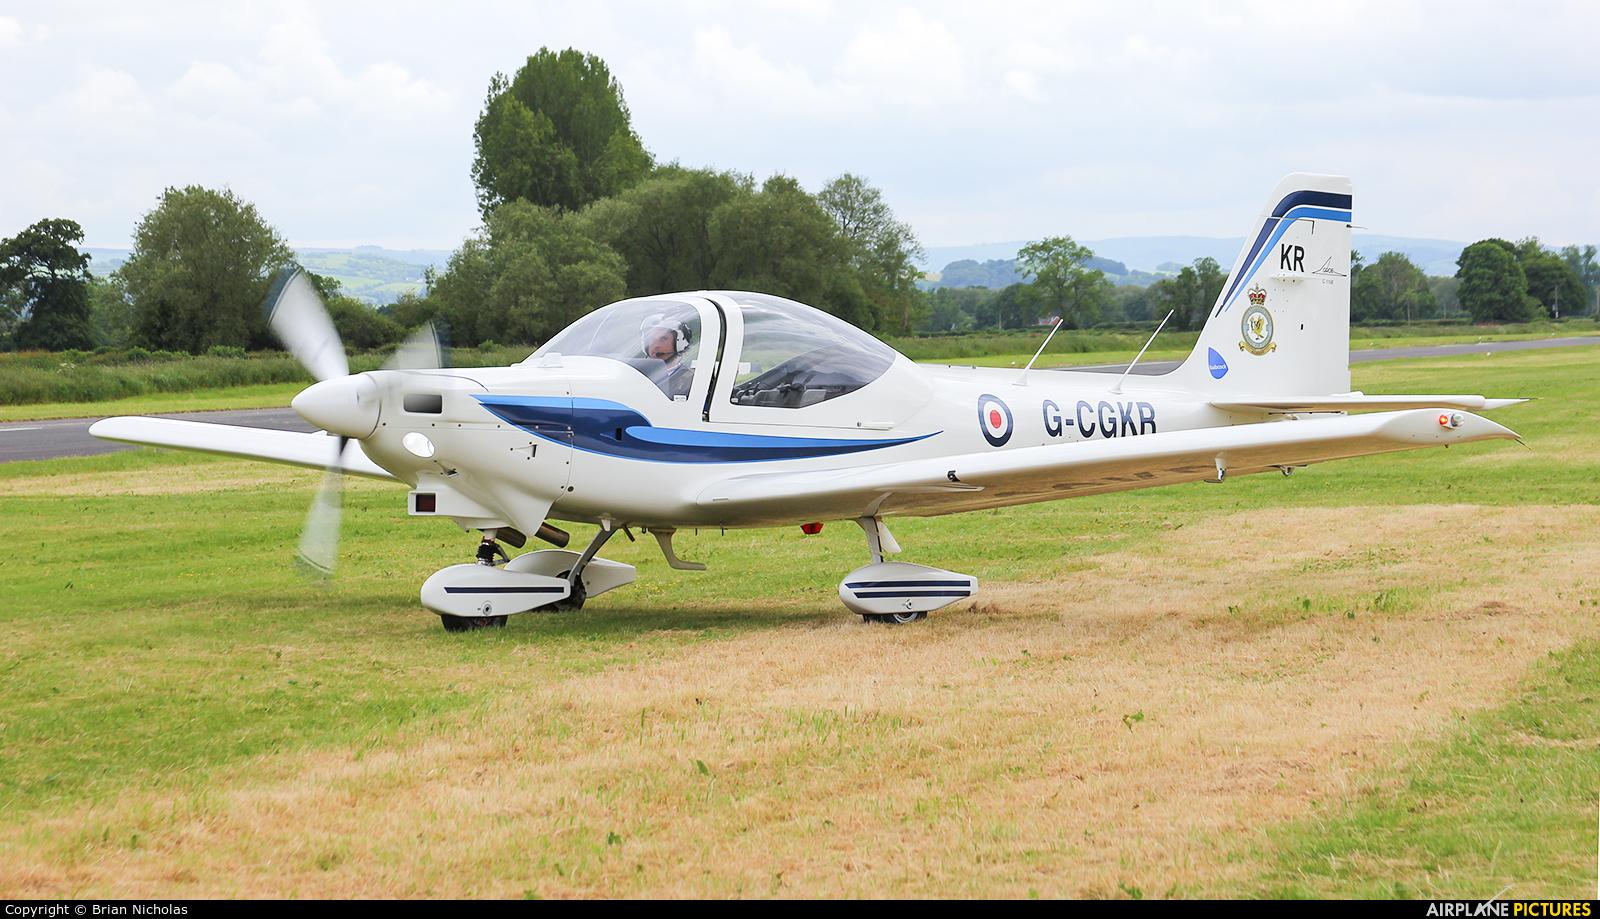 Babcock Aerospace G-CGKR aircraft at Welshpool